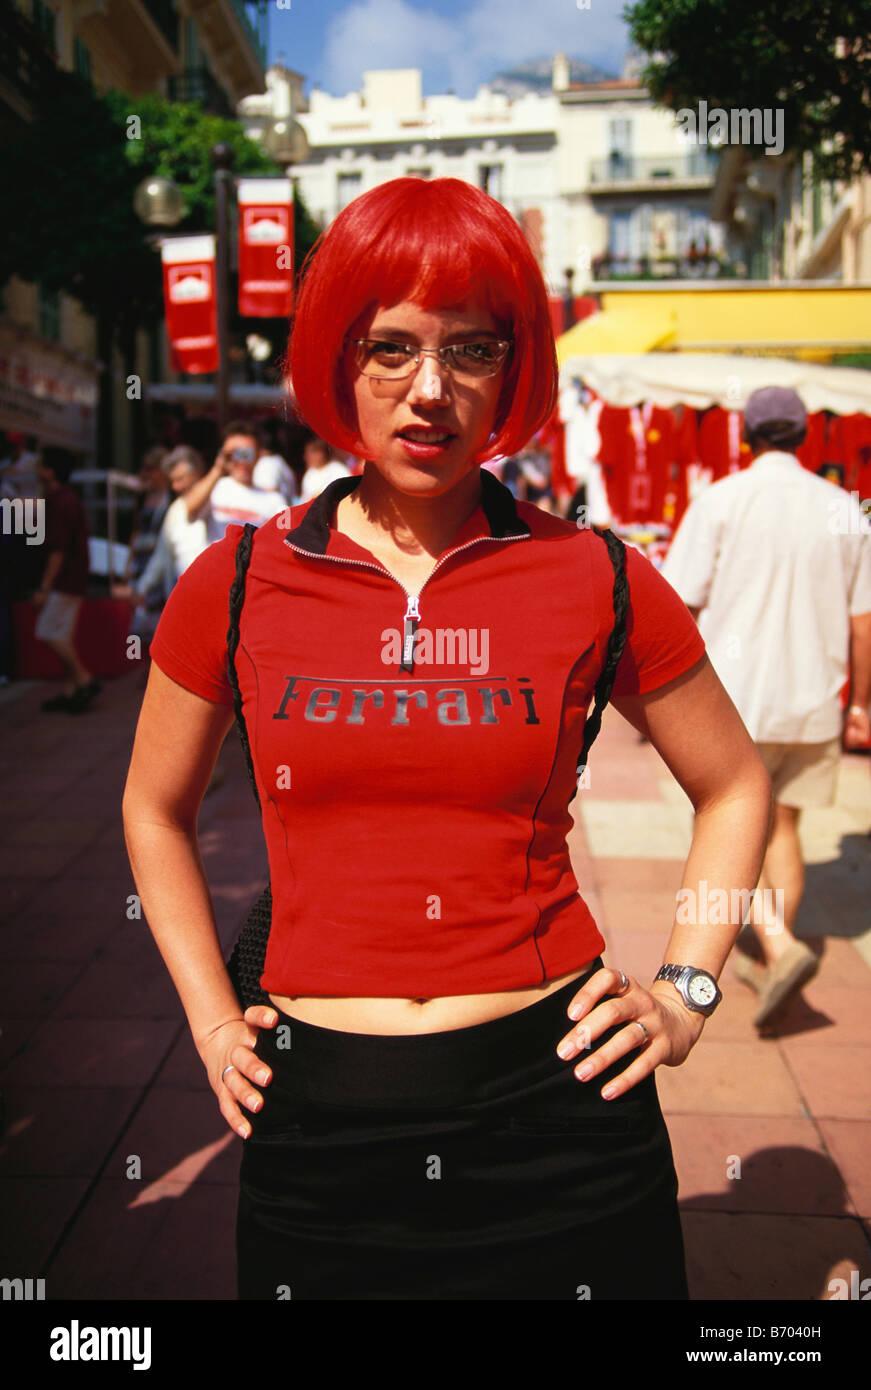 Female Motor Sport fan, Formula 1 Grand Prix, F1, Monte Carlo, Monaco, Europa - Stock Image